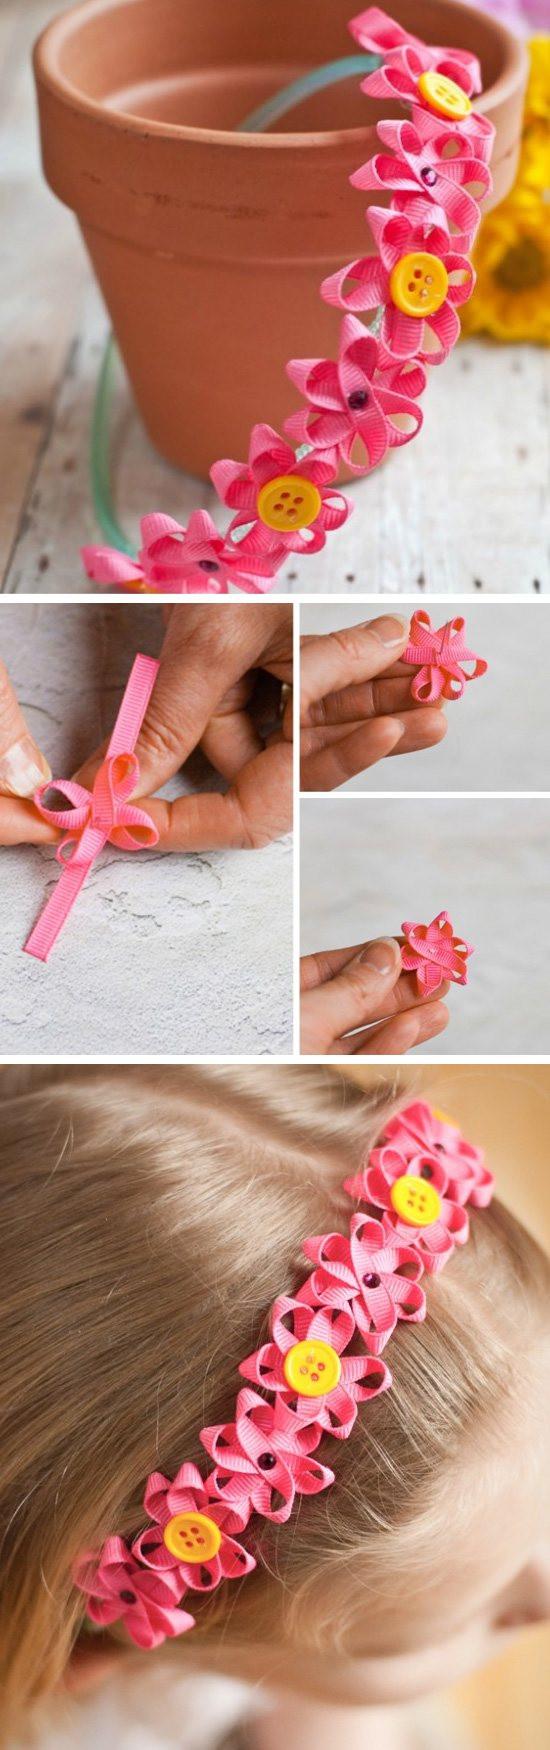 Toddler Craft Project  30 Creative DIY Spring Crafts for Kids Sponge Kids